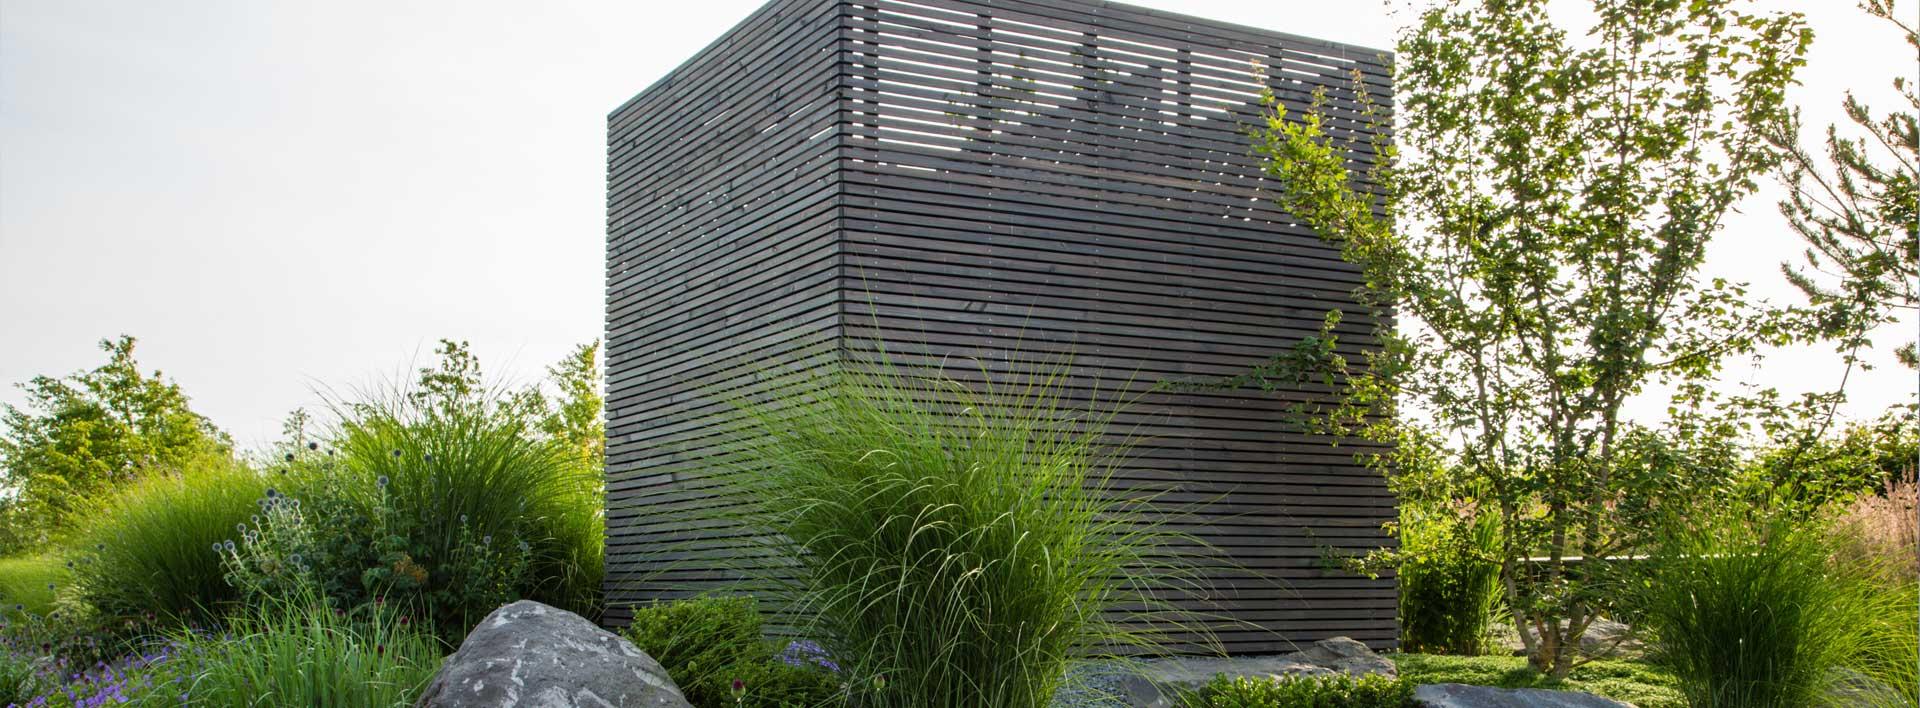 Gartenhaus aus Holz mit Gräsern und Naturstein